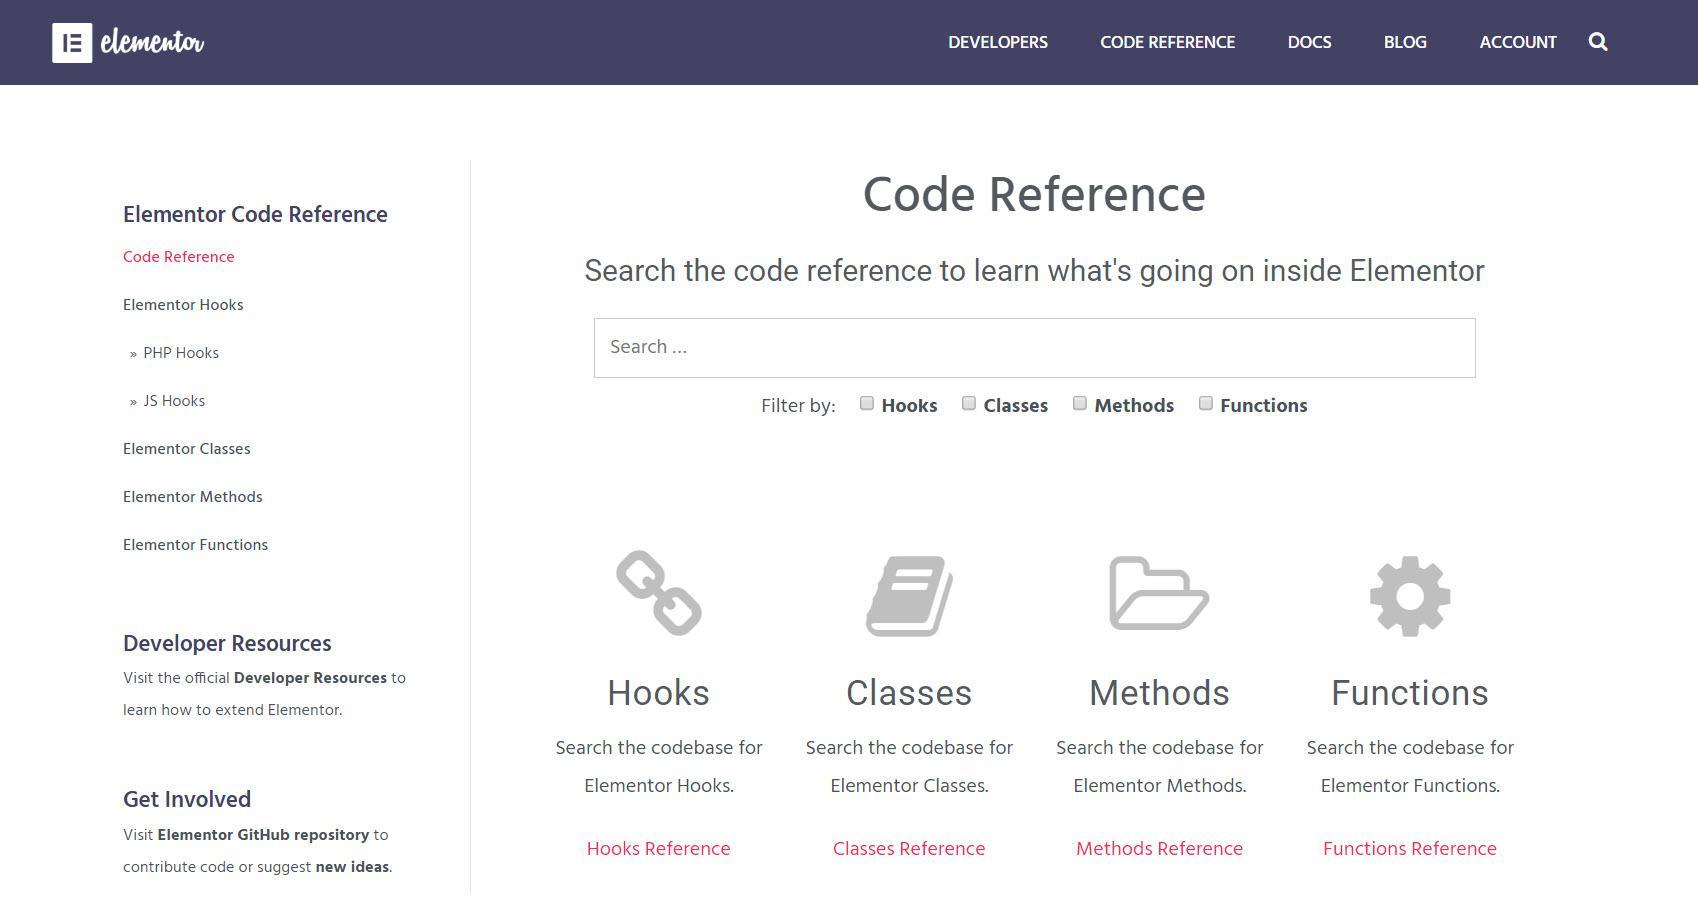 Обзор Elementor 2.0: изменение лица веб-дизайна